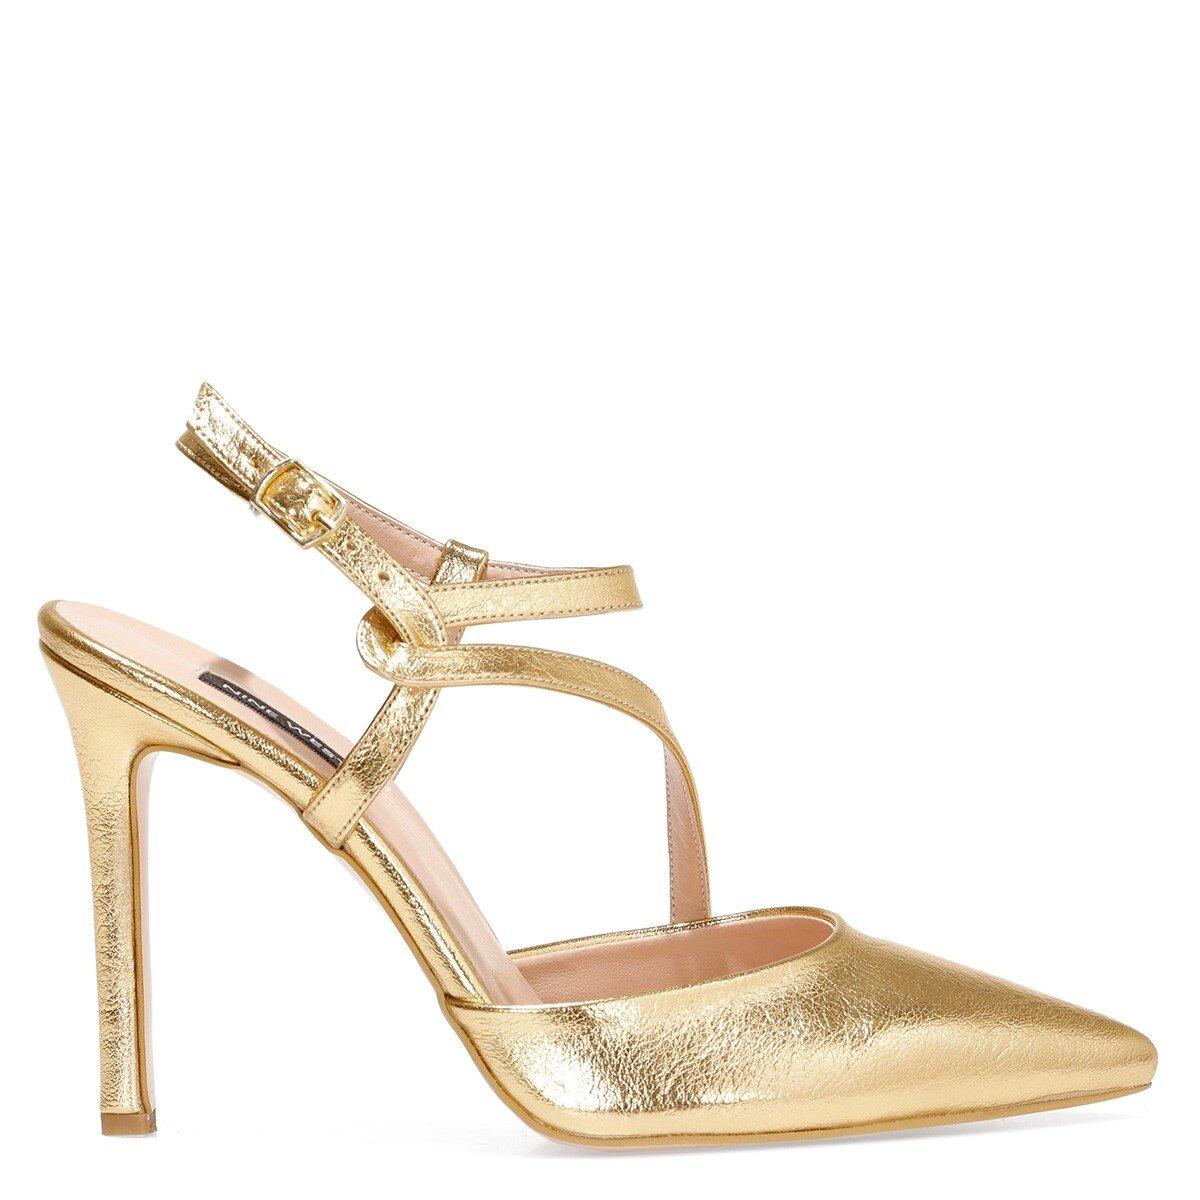 TUMLA 1FX Altın Kadın Gova Ayakkabı